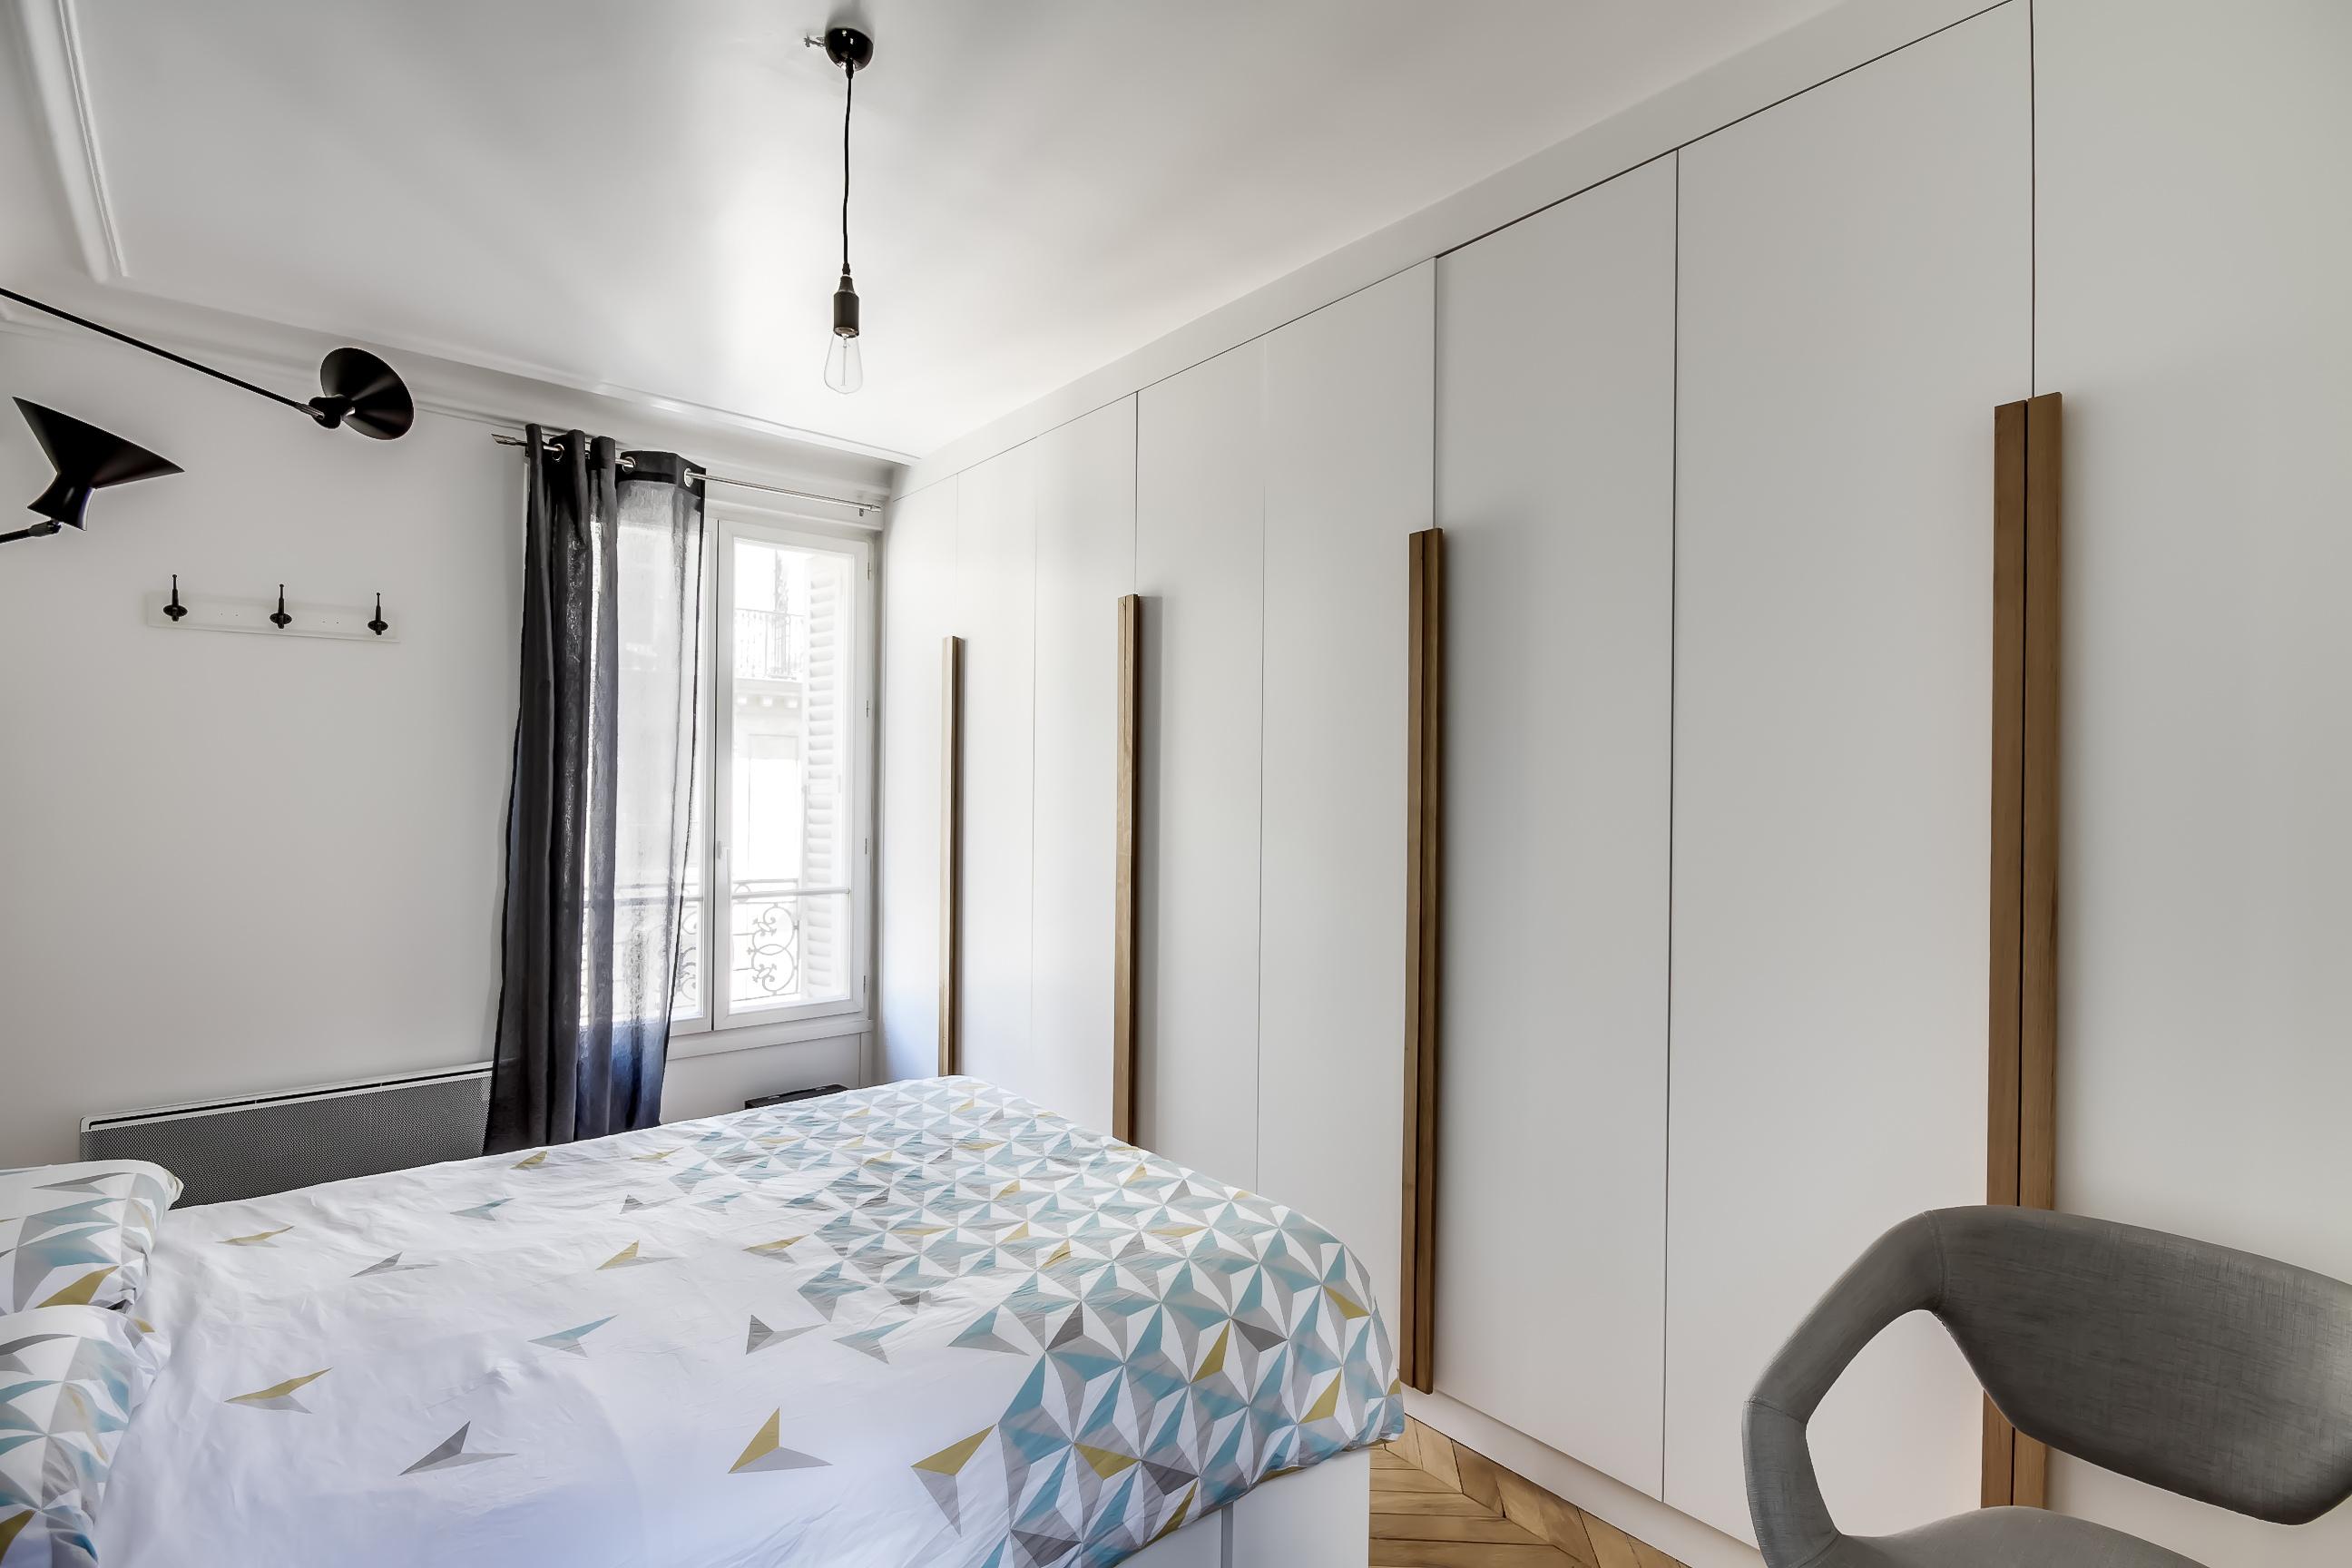 apartamento_38_metros_en_paris_atelier_daaa_999416688_2592x1728